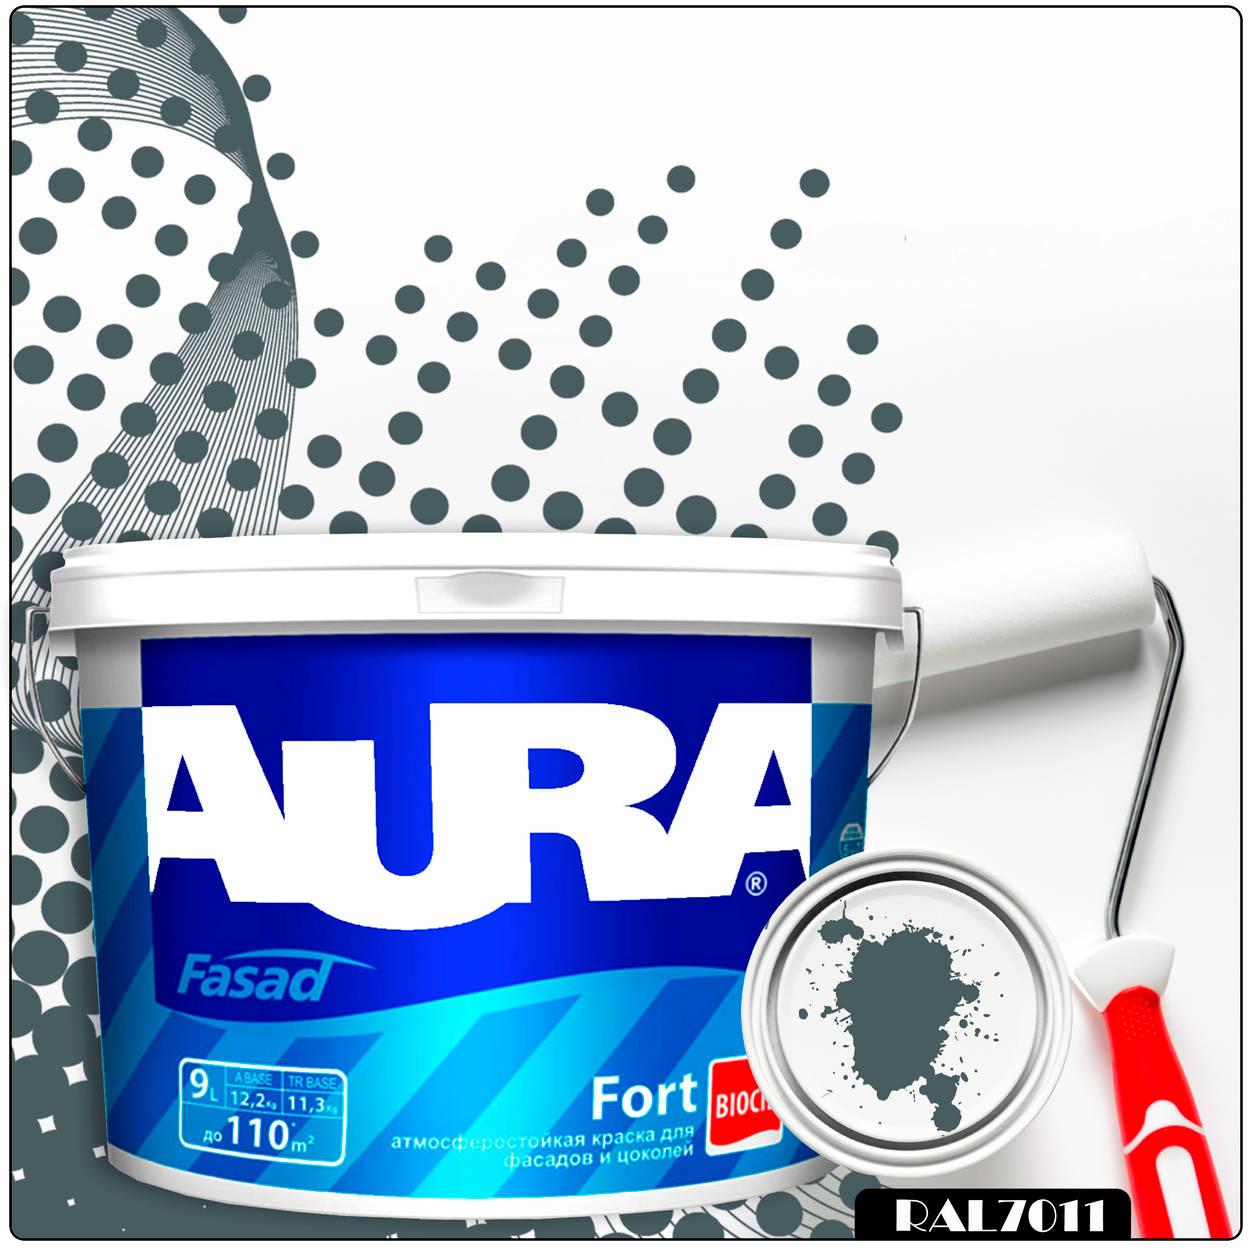 Фото 10 - Краска Aura Fasad Fort, RAL 7011 Серый металл, латексная, матовая, для фасада и цоколей, 9л, Аура.